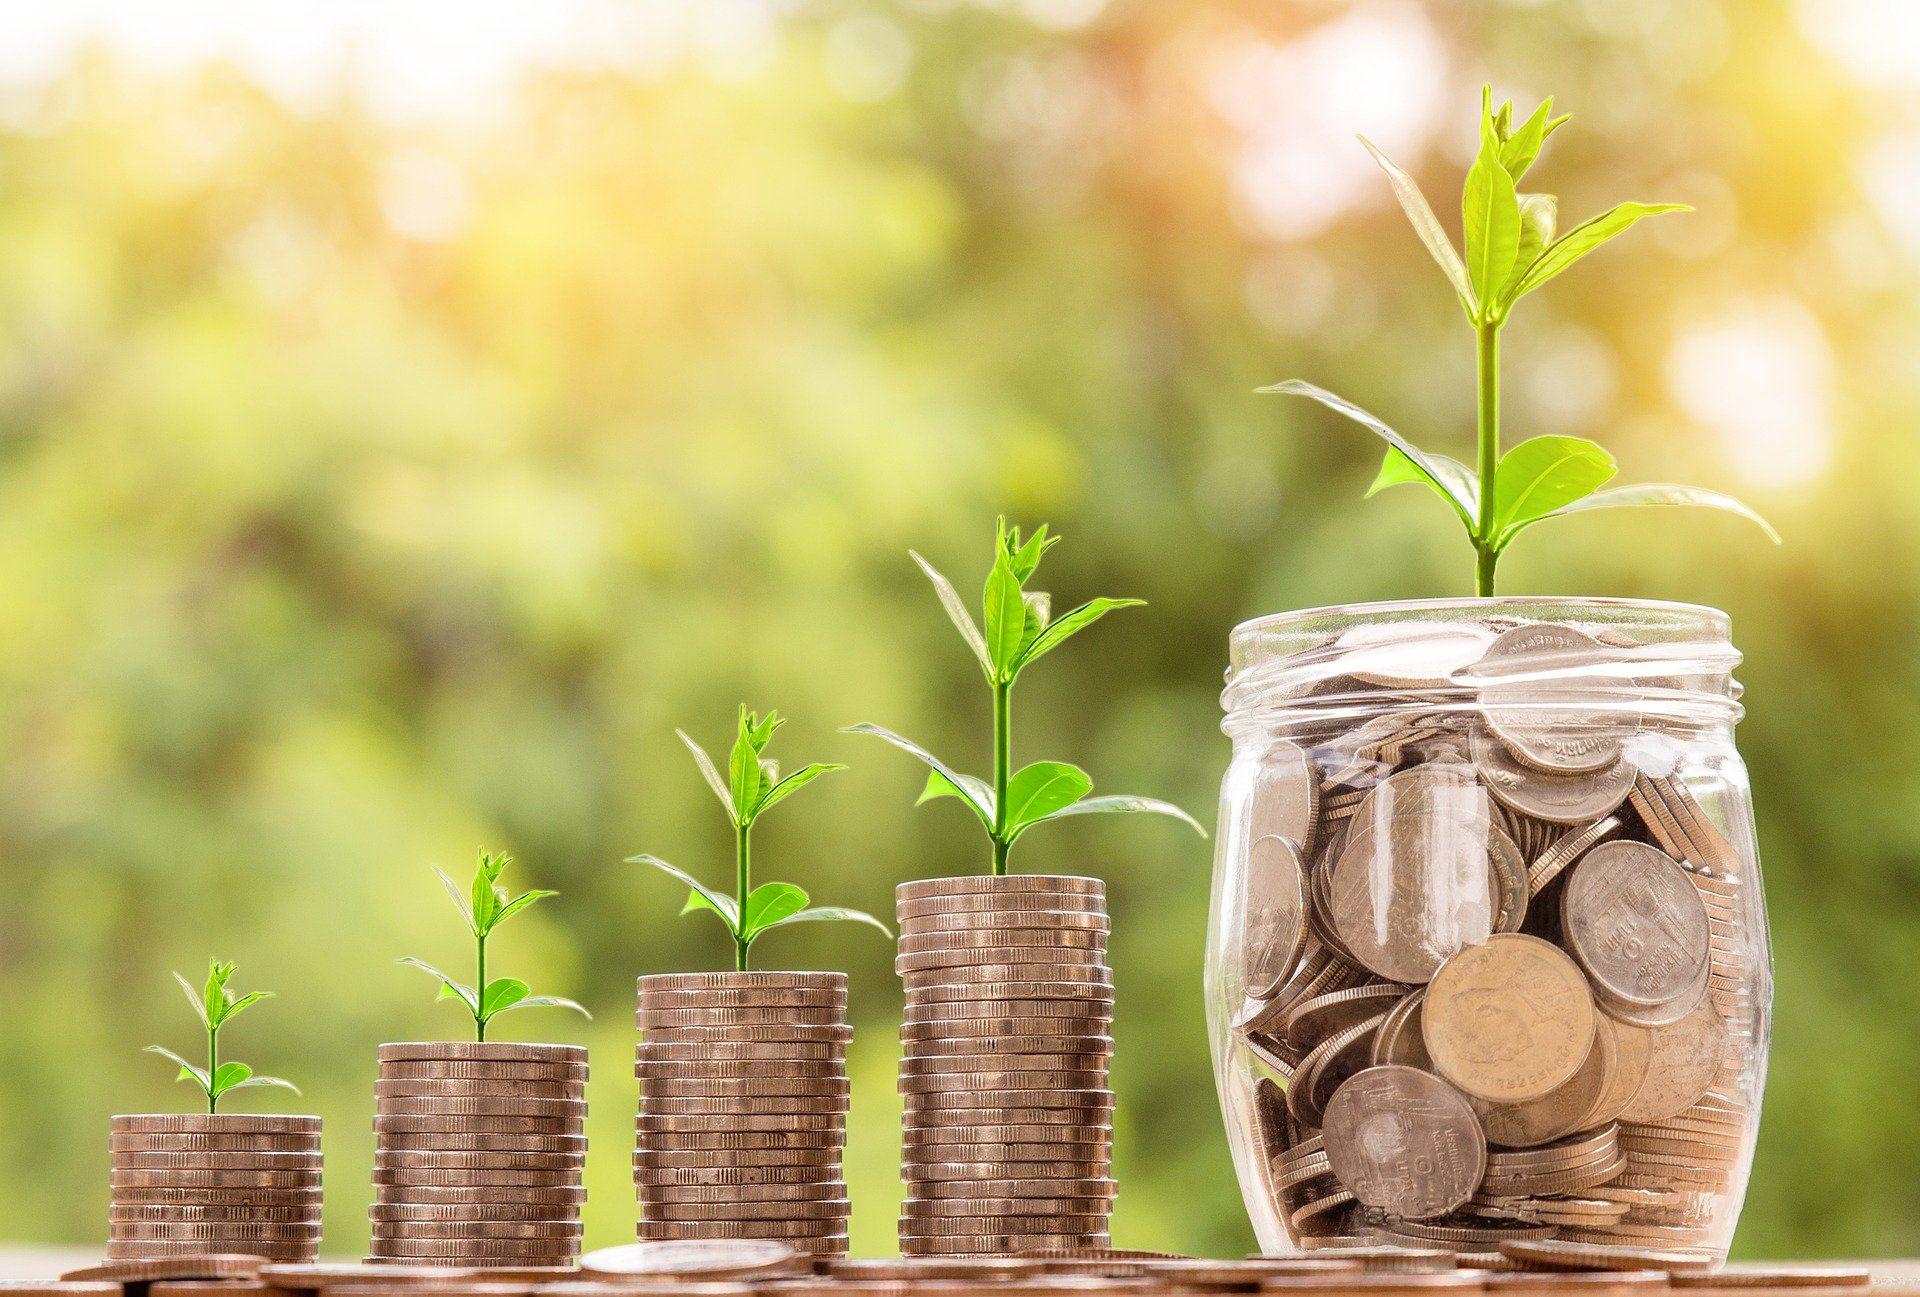 Grandi imprese in temporanea difficoltà, modalità di accesso al Fondo sostegno